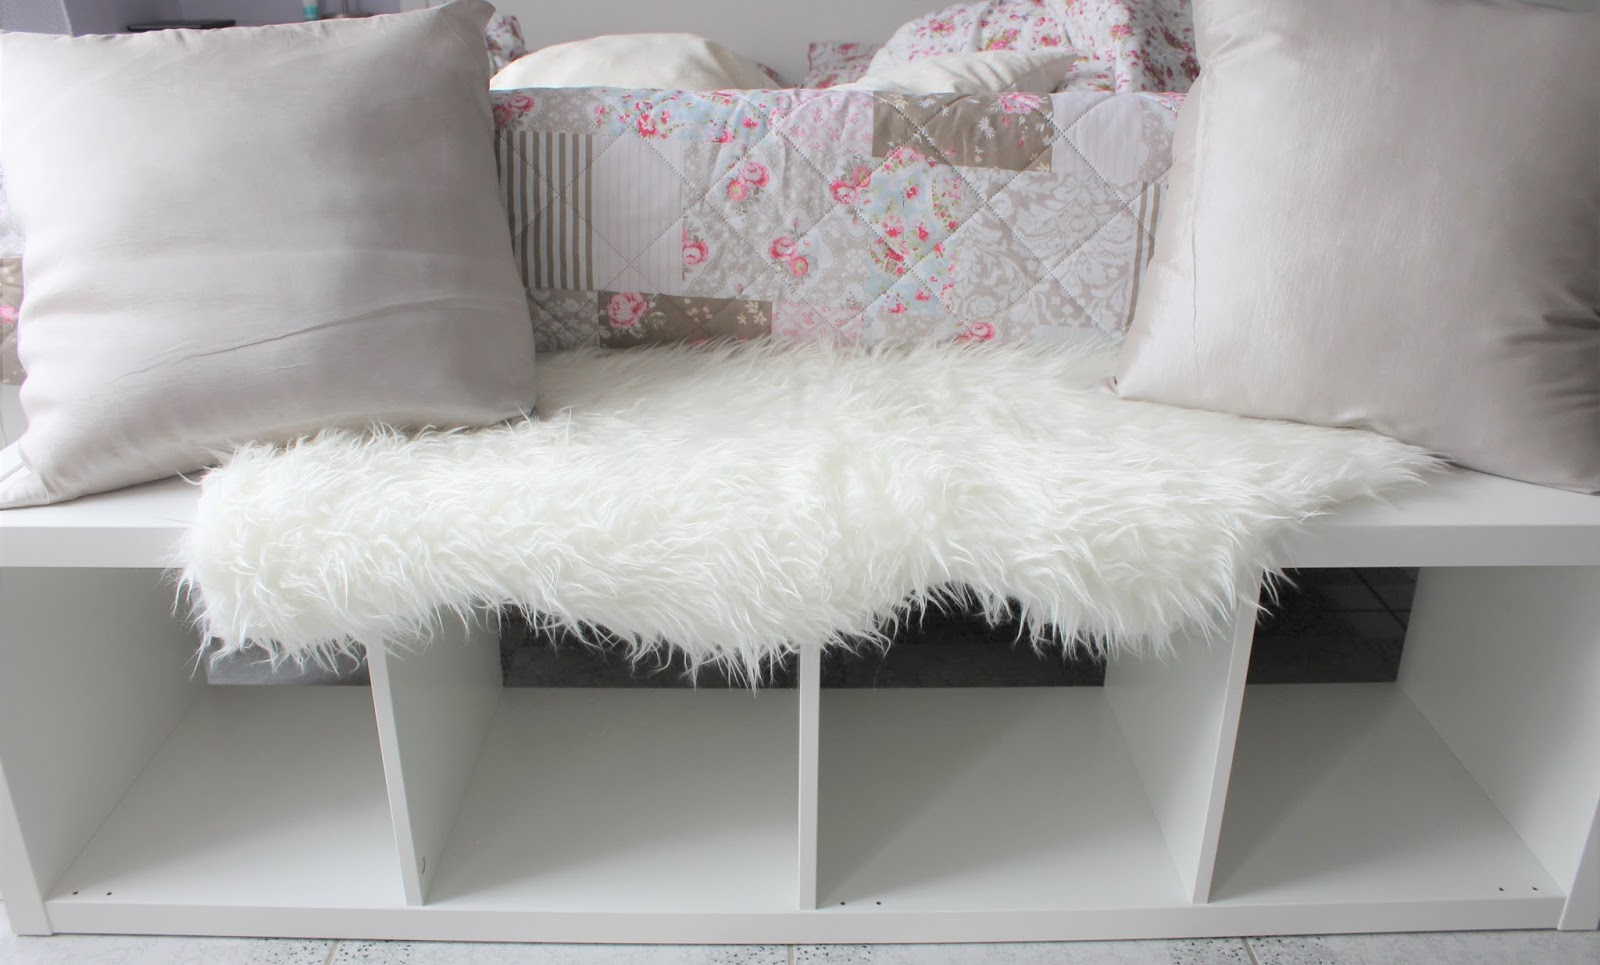 Full Size of Ikea Sitzbank Beauty Lifestyle Fashion More Hack Kallaregal Zu Bad Schlafzimmer Betten 160x200 Küche Mit Lehne Bei Kaufen Garten Bett Kosten Modulküche Sofa Wohnzimmer Ikea Sitzbank